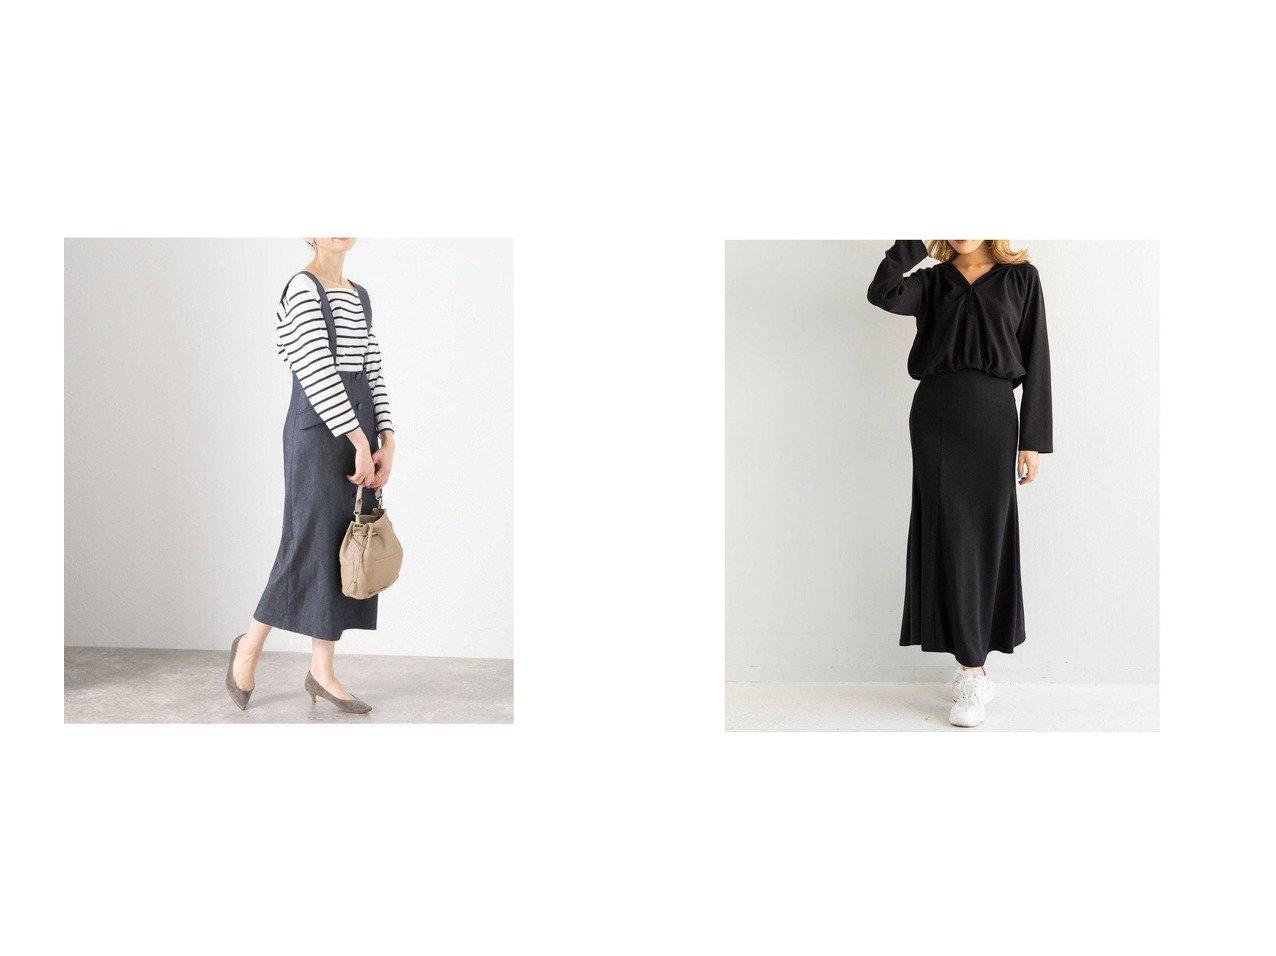 【La TOTALITE/ラ トータリテ】のデニムタイトサロペットスカート&【DURAS/デュラス】のマーメイドスカートセットアップ 【スカート】おすすめ!人気、トレンド・レディースファッションの通販 おすすめで人気の流行・トレンド、ファッションの通販商品 インテリア・家具・メンズファッション・キッズファッション・レディースファッション・服の通販 founy(ファニー) https://founy.com/ ファッション Fashion レディースファッション WOMEN セットアップ Setup スカート Skirt スカート Skirt 2021年 2021 2021春夏・S/S SS/Spring/Summer/2021 S/S・春夏 SS・Spring/Summer ショート セットアップ マーメイド 春 Spring おすすめ Recommend サロペット デニム フェミニン フリル レース |ID:crp329100000040822